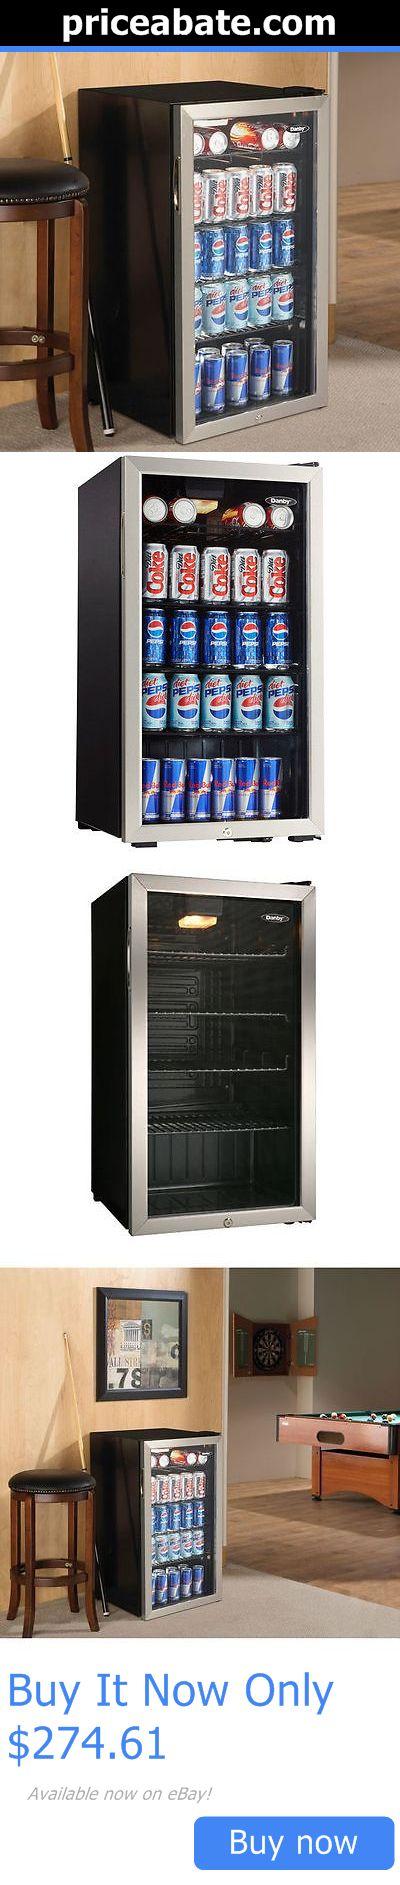 Food And Drink: Beverage Refrigerator Cooler Compact Mini Bar Fridge Beer Soda Pop Glass Door BUY IT NOW ONLY: $274.61 #priceabateFoodAndDrink OR #priceabate